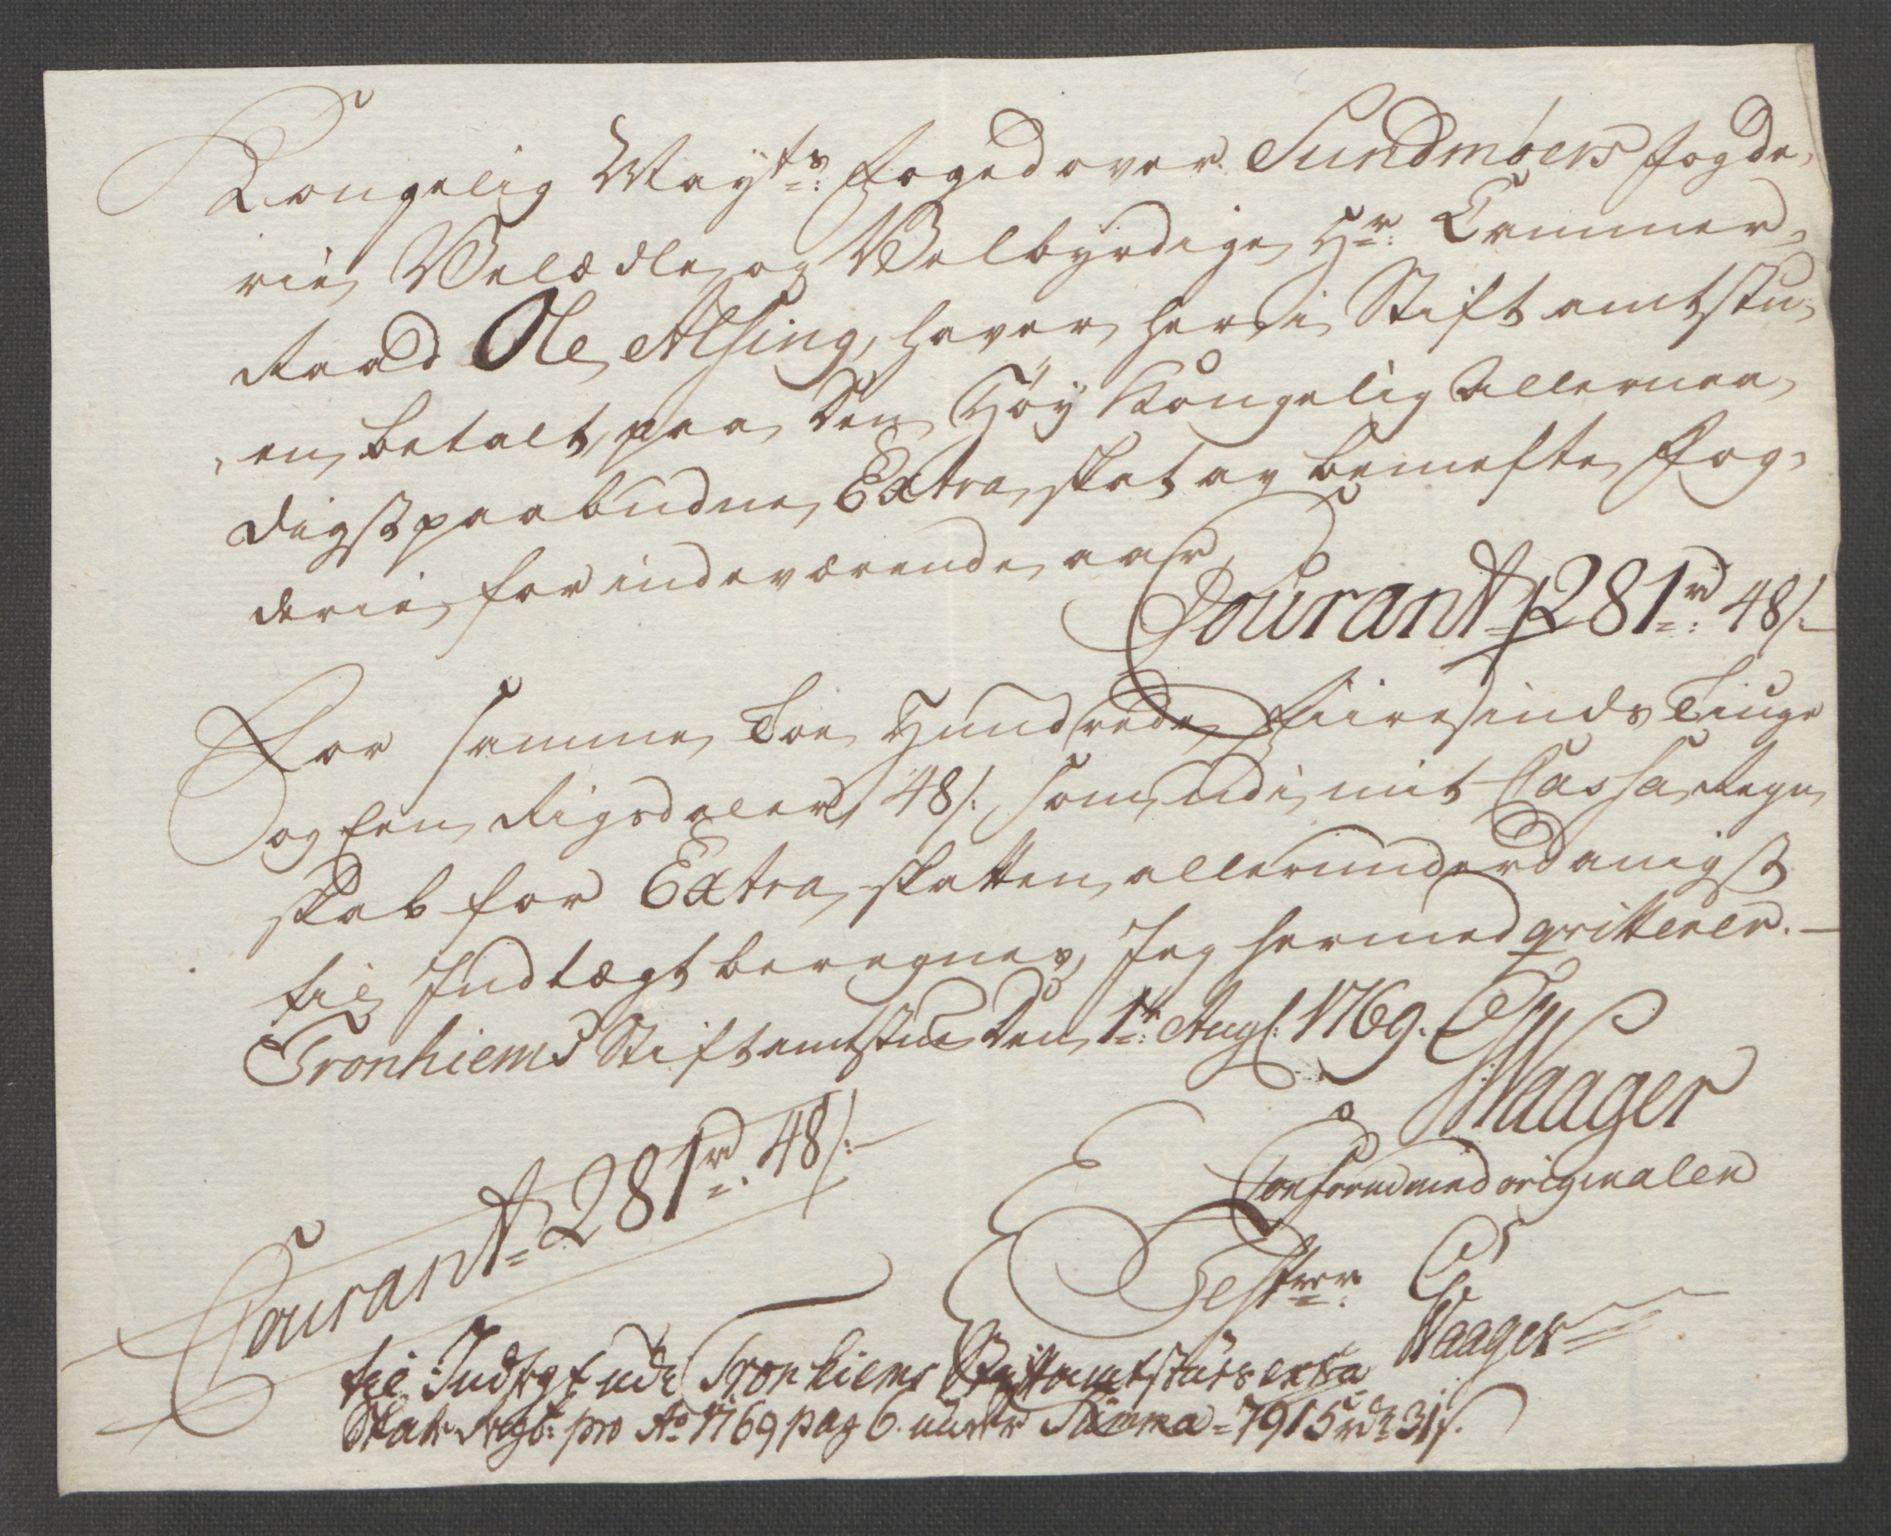 RA, Rentekammeret inntil 1814, Reviderte regnskaper, Fogderegnskap, R54/L3645: Ekstraskatten Sunnmøre, 1762-1772, s. 162